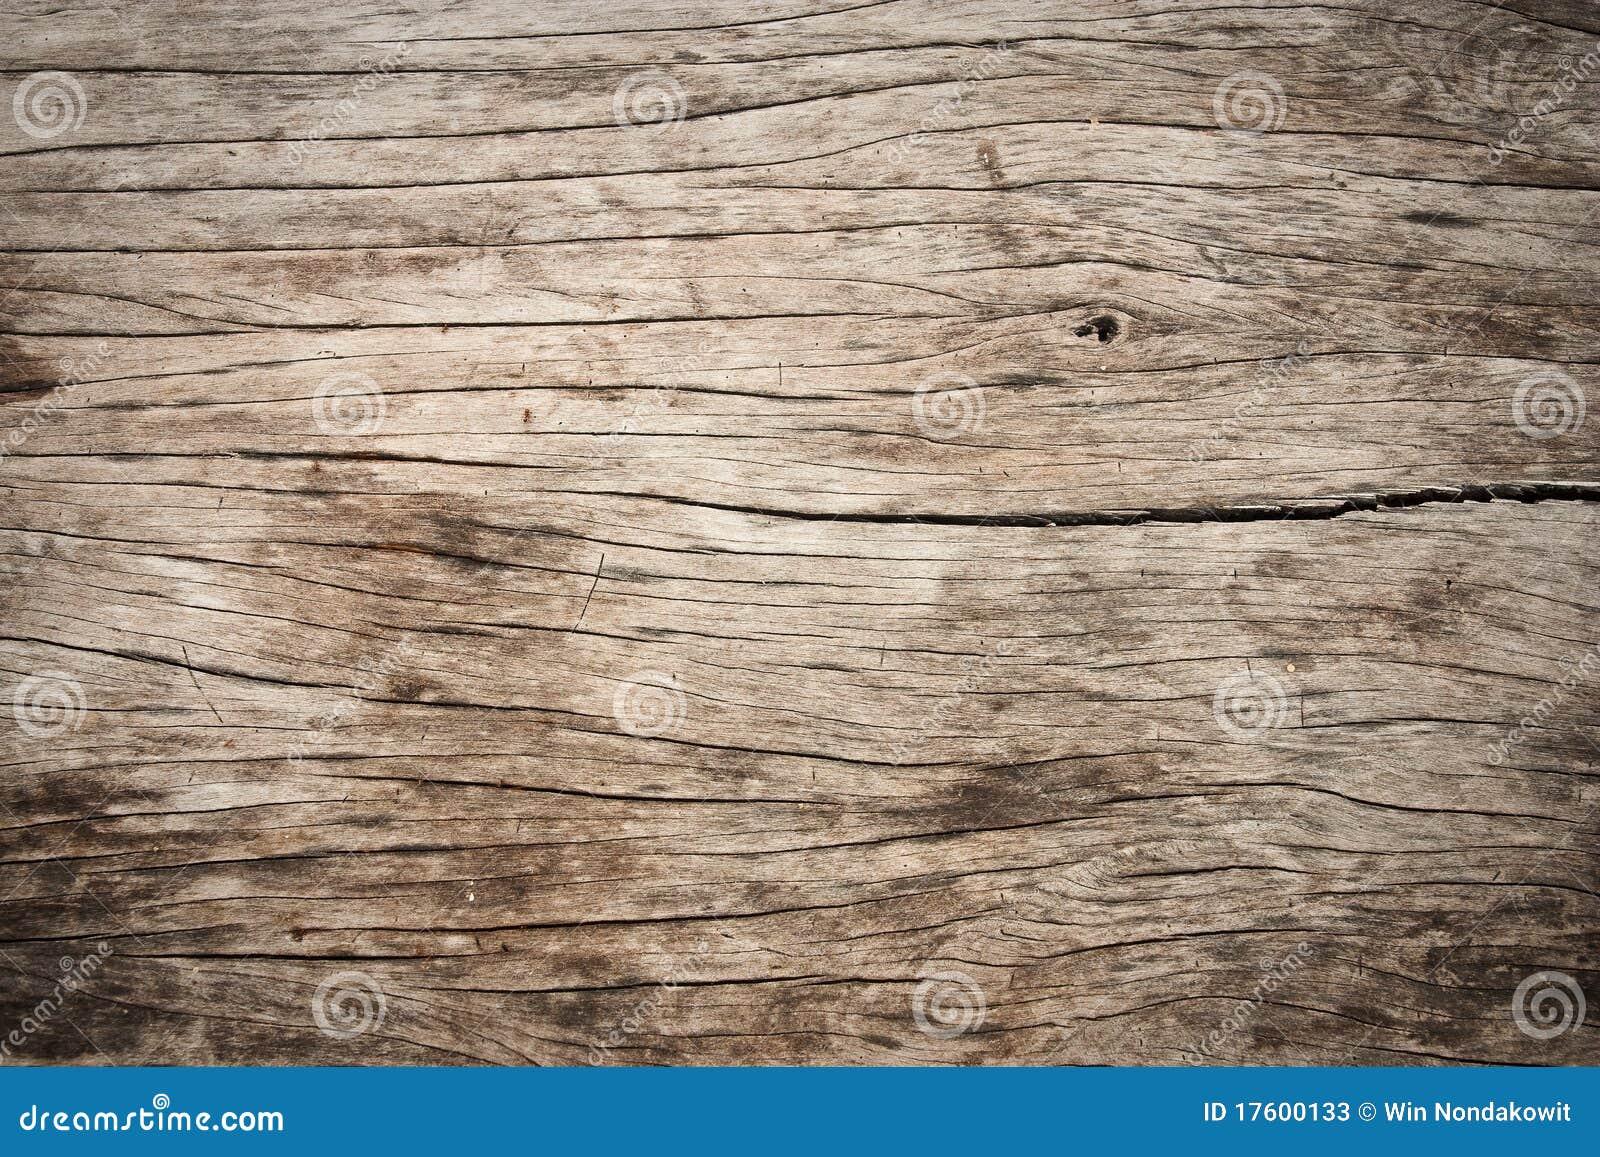 фон деревянный